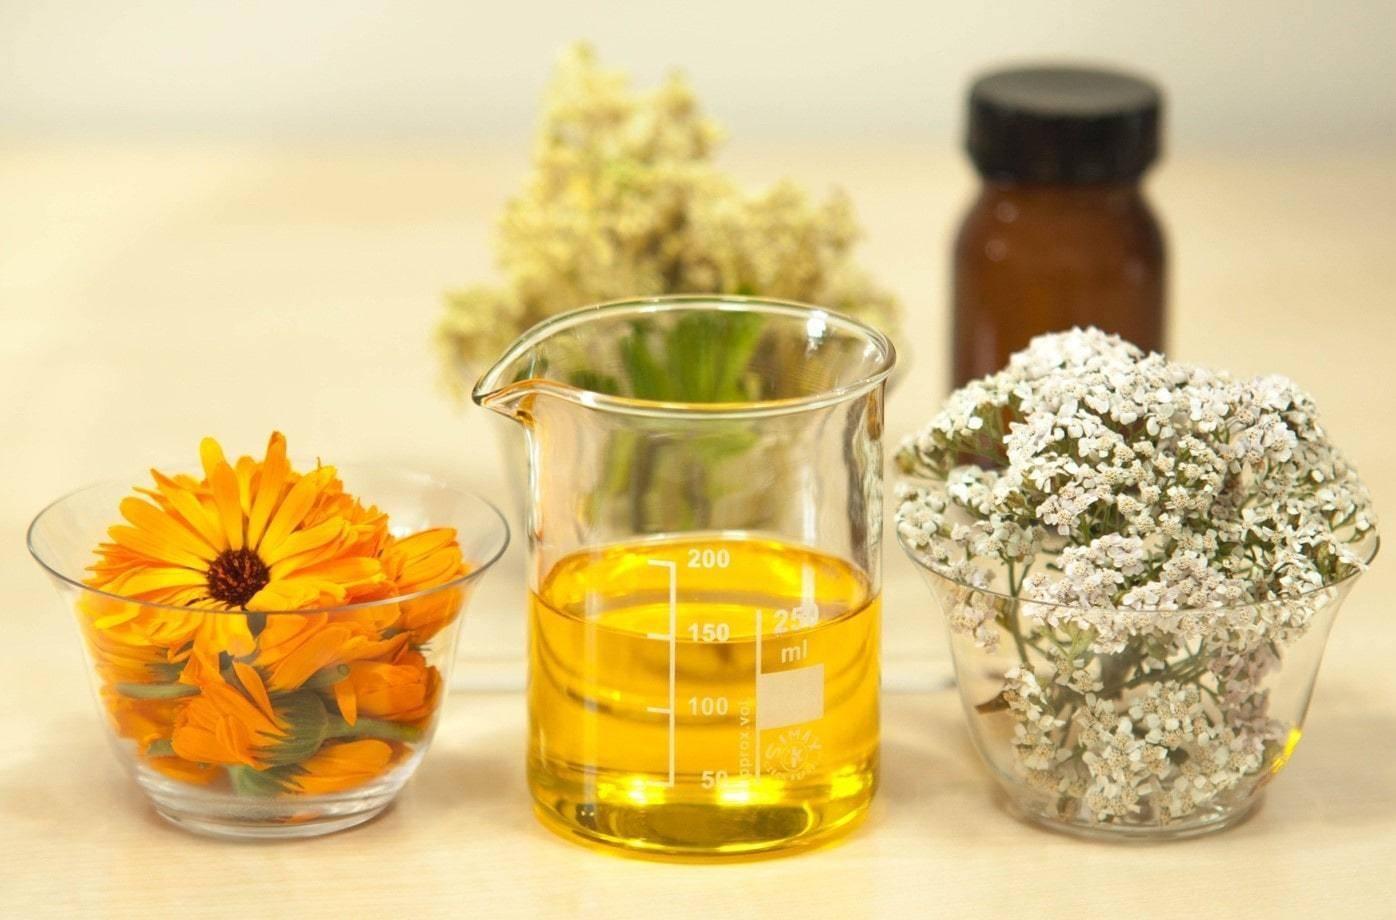 Ромашка при боли в горле и ангине: можно ли полоскать, лучшие рецепты